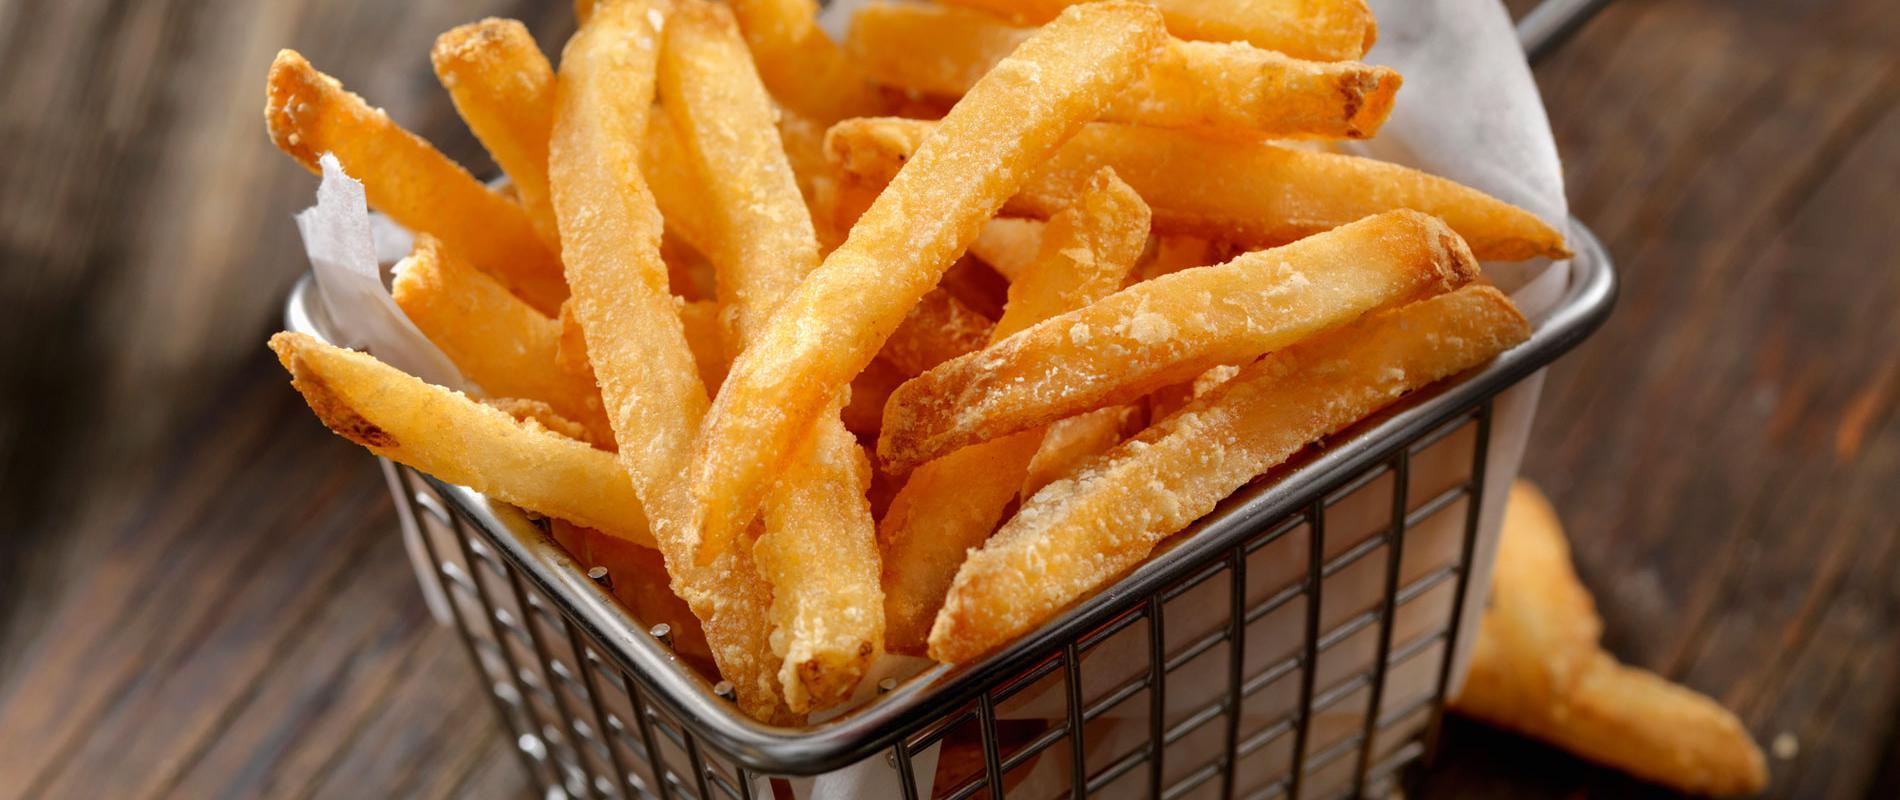 薯条究竟源自哪里? 法媒揭秘小小美食前世今生